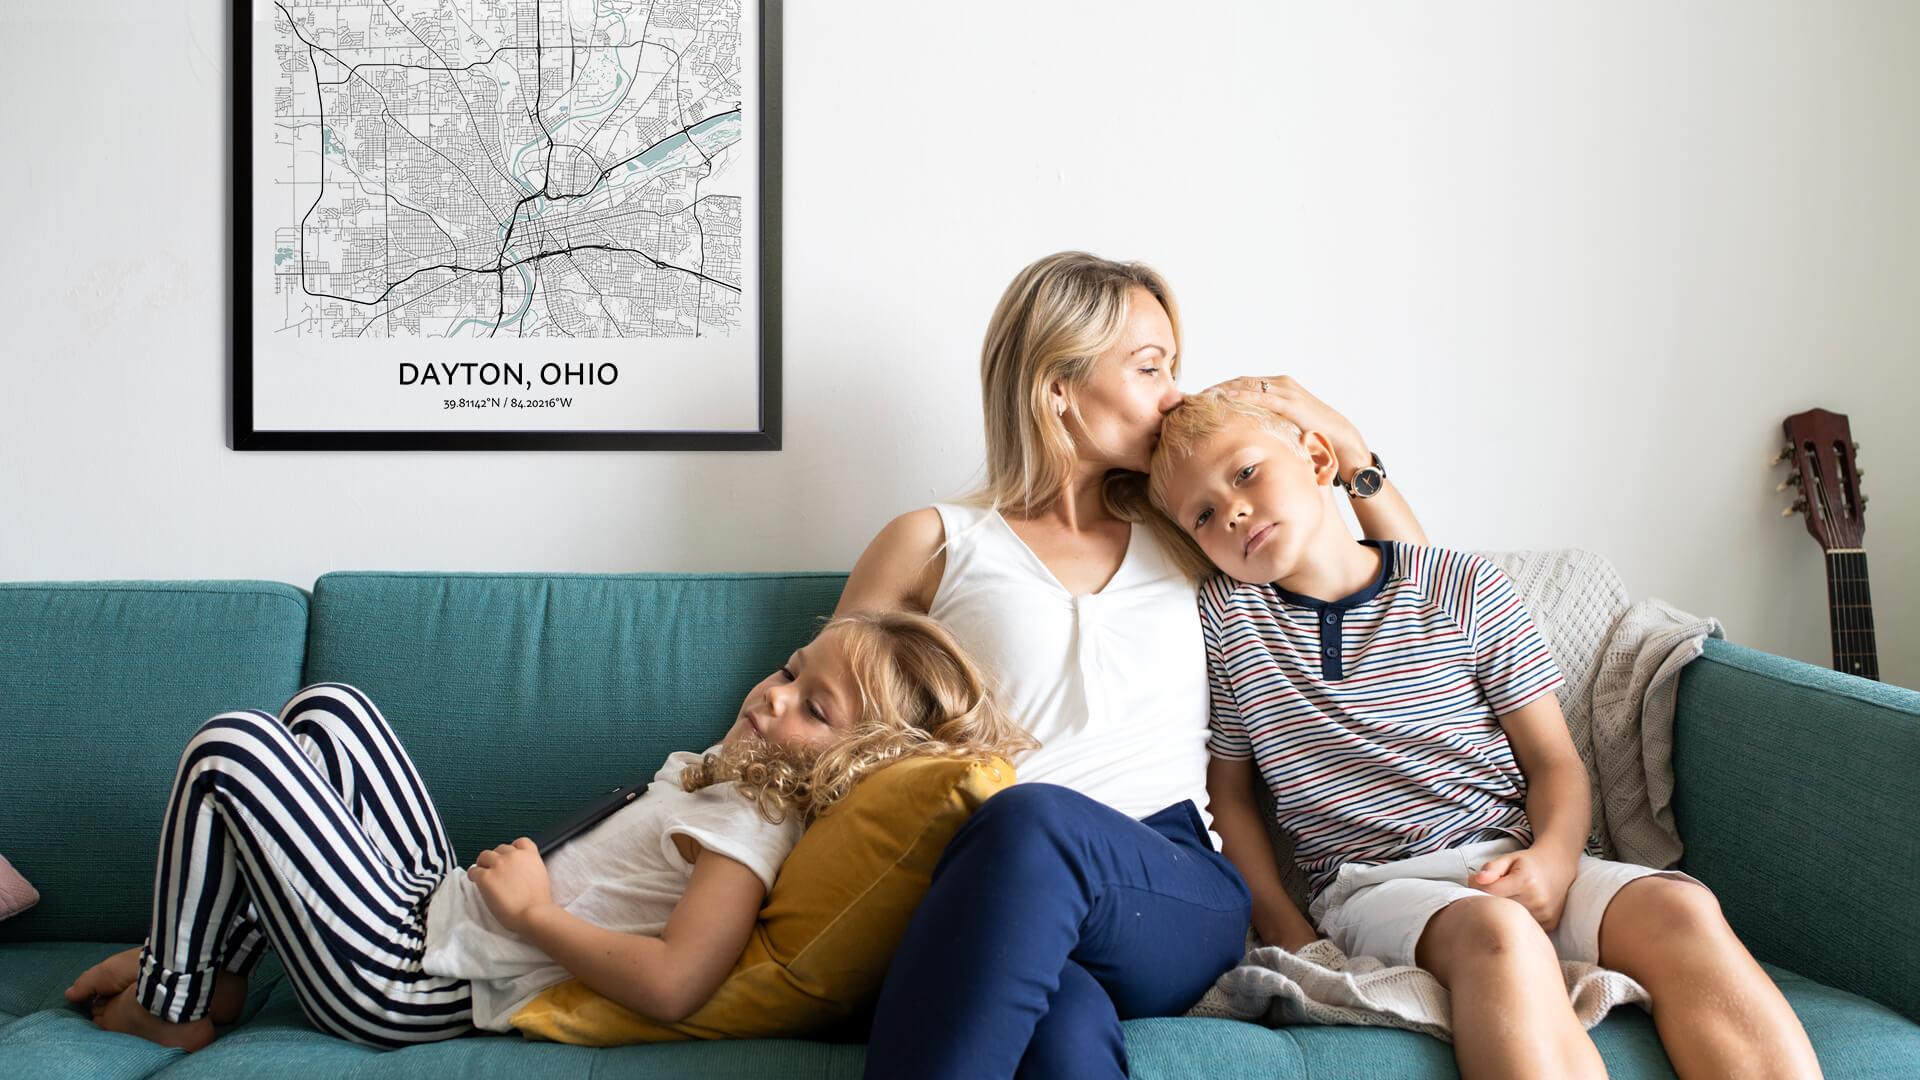 Dayton map poster